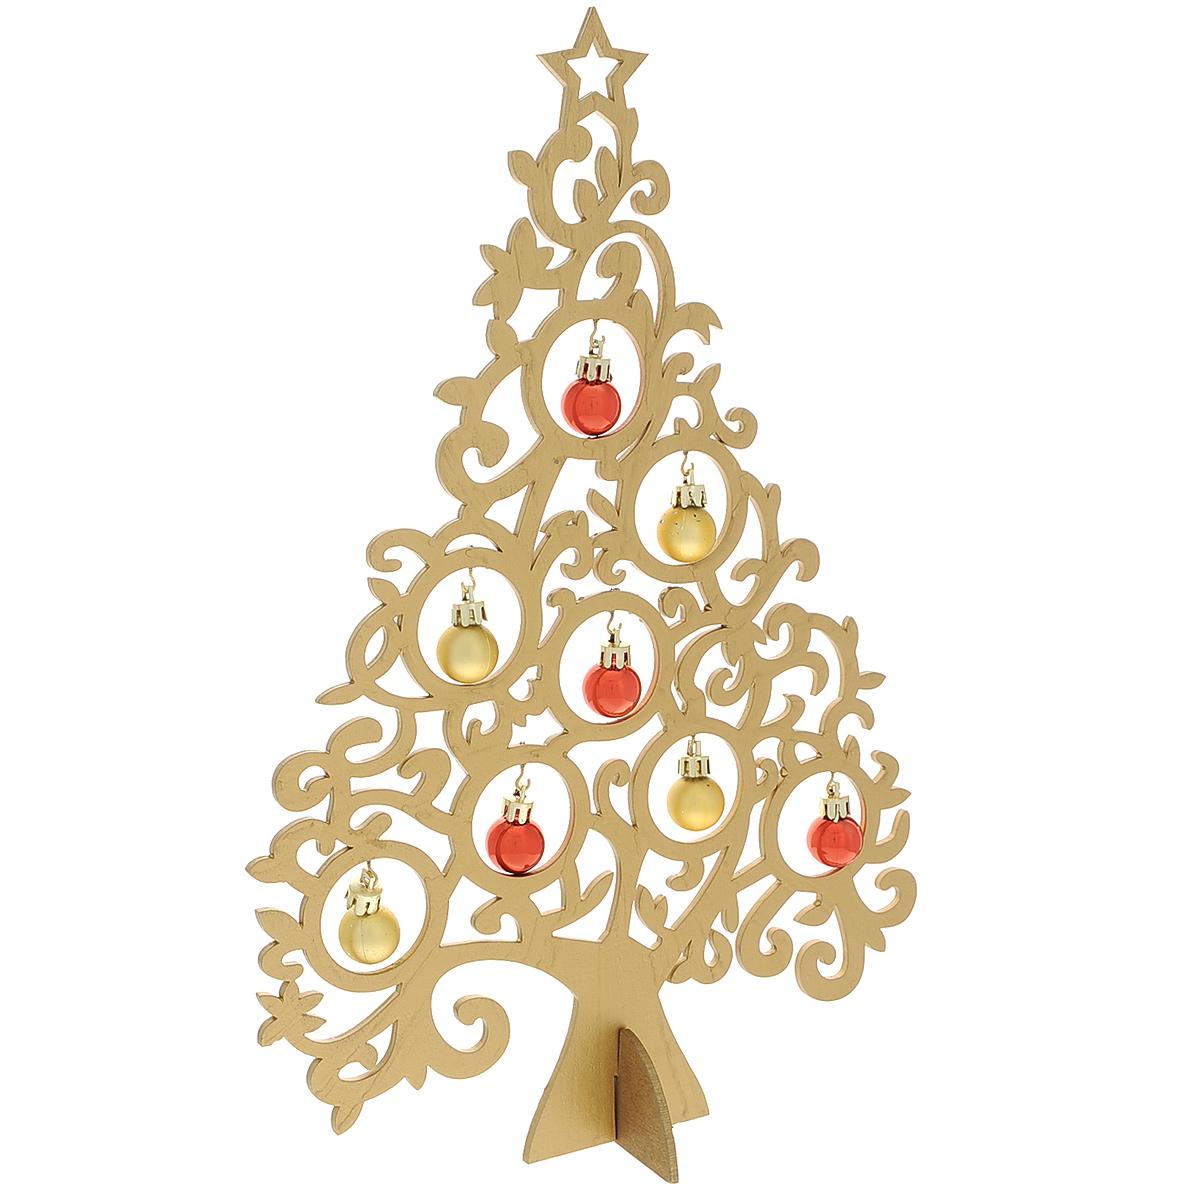 Новогодняя ель с игрушками Ажур, цвет: золотистый, 37 см. 3569535695Новогодняя ель с игрушками Ажур изготовлена из древесины тополя. В комплект к ели прилагаются пластиковые шарики, а также подставка. Красивое новогоднее украшение будет готово, стоит подвесить игрушки на елку. Новогодняя игрушка - символ Нового года. Она несет в себе волшебство и красоту праздника. Создайте в своем доме атмосферу веселья и радости, украшая новогоднюю елку нарядными игрушками, которые будут из года в год накапливать теплоту воспоминаний. Коллекция декоративных украшений принесет в ваш дом ни с чем несравнимое ощущение волшебства! Откройте для себя удивительный мир сказок и грез. Почувствуйте волшебные минуты ожидания праздника, создайте новогоднее настроение вашим дорогим и близким.